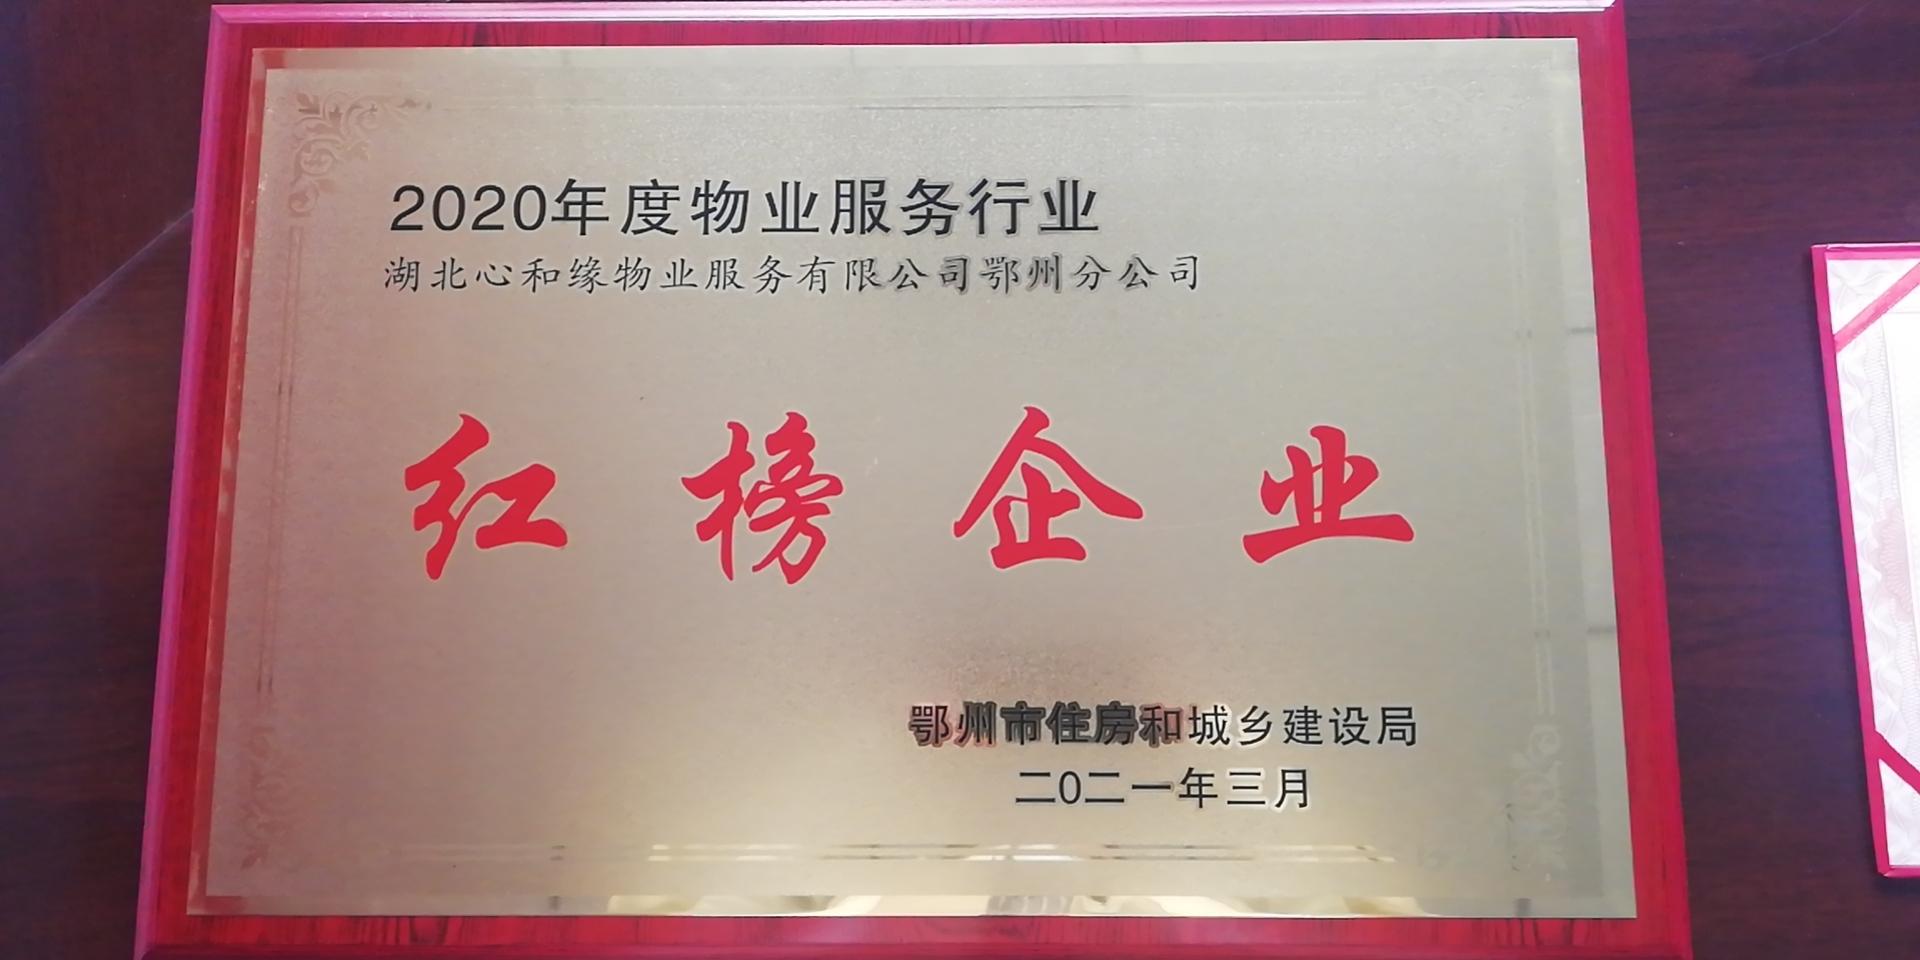 心和缘物业鄂州分公司荣获2020年度物业服务行业红榜企业称号